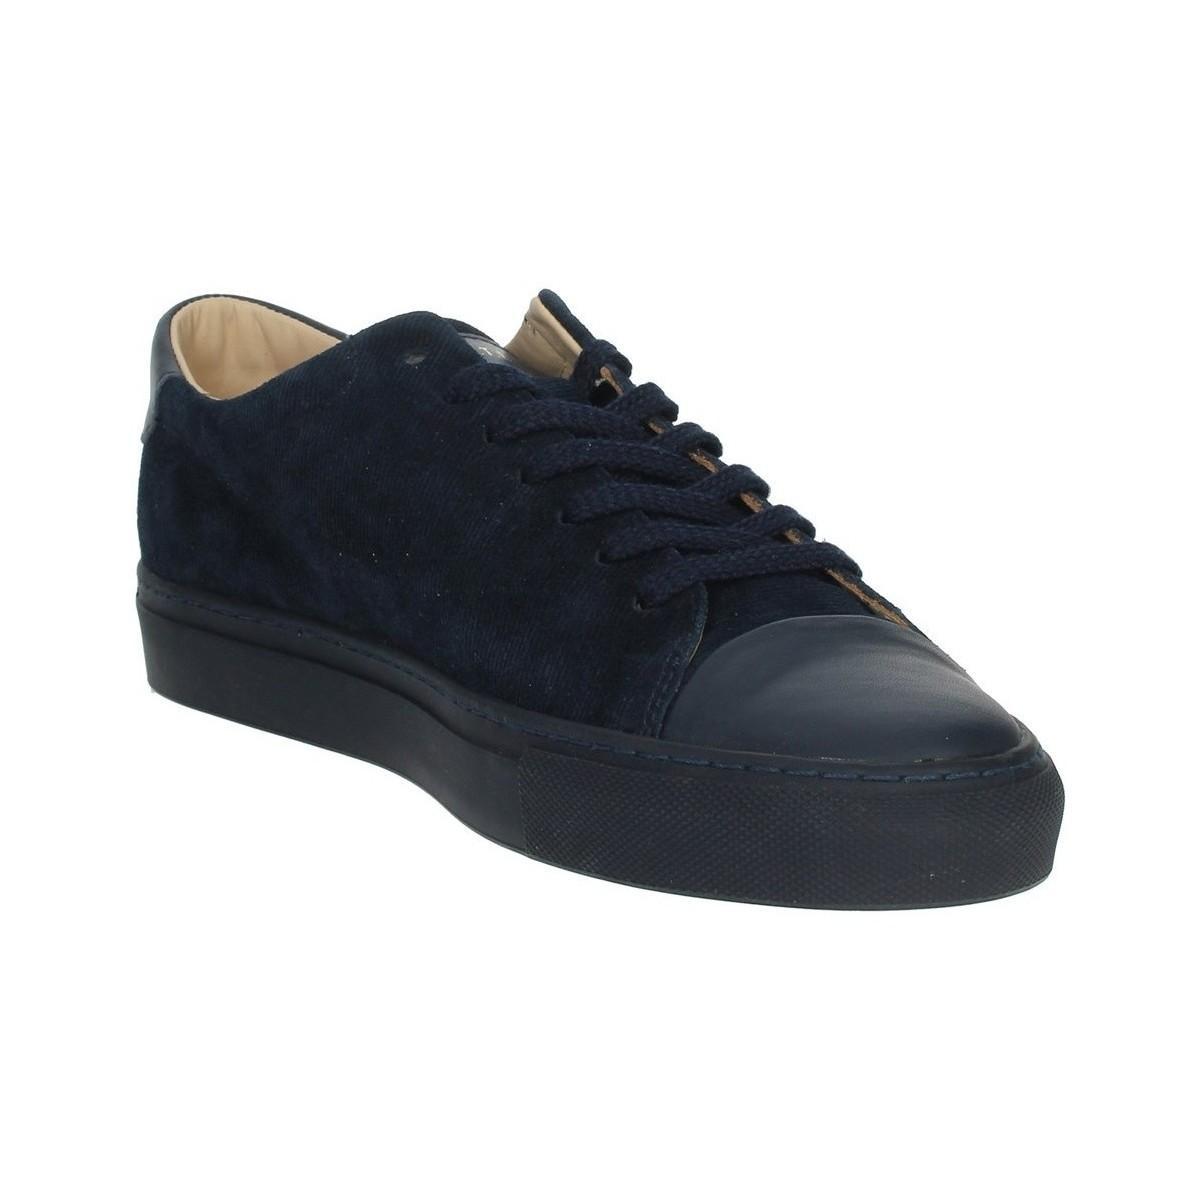 I19-102 Chaussures Date pour homme en coloris Bleu